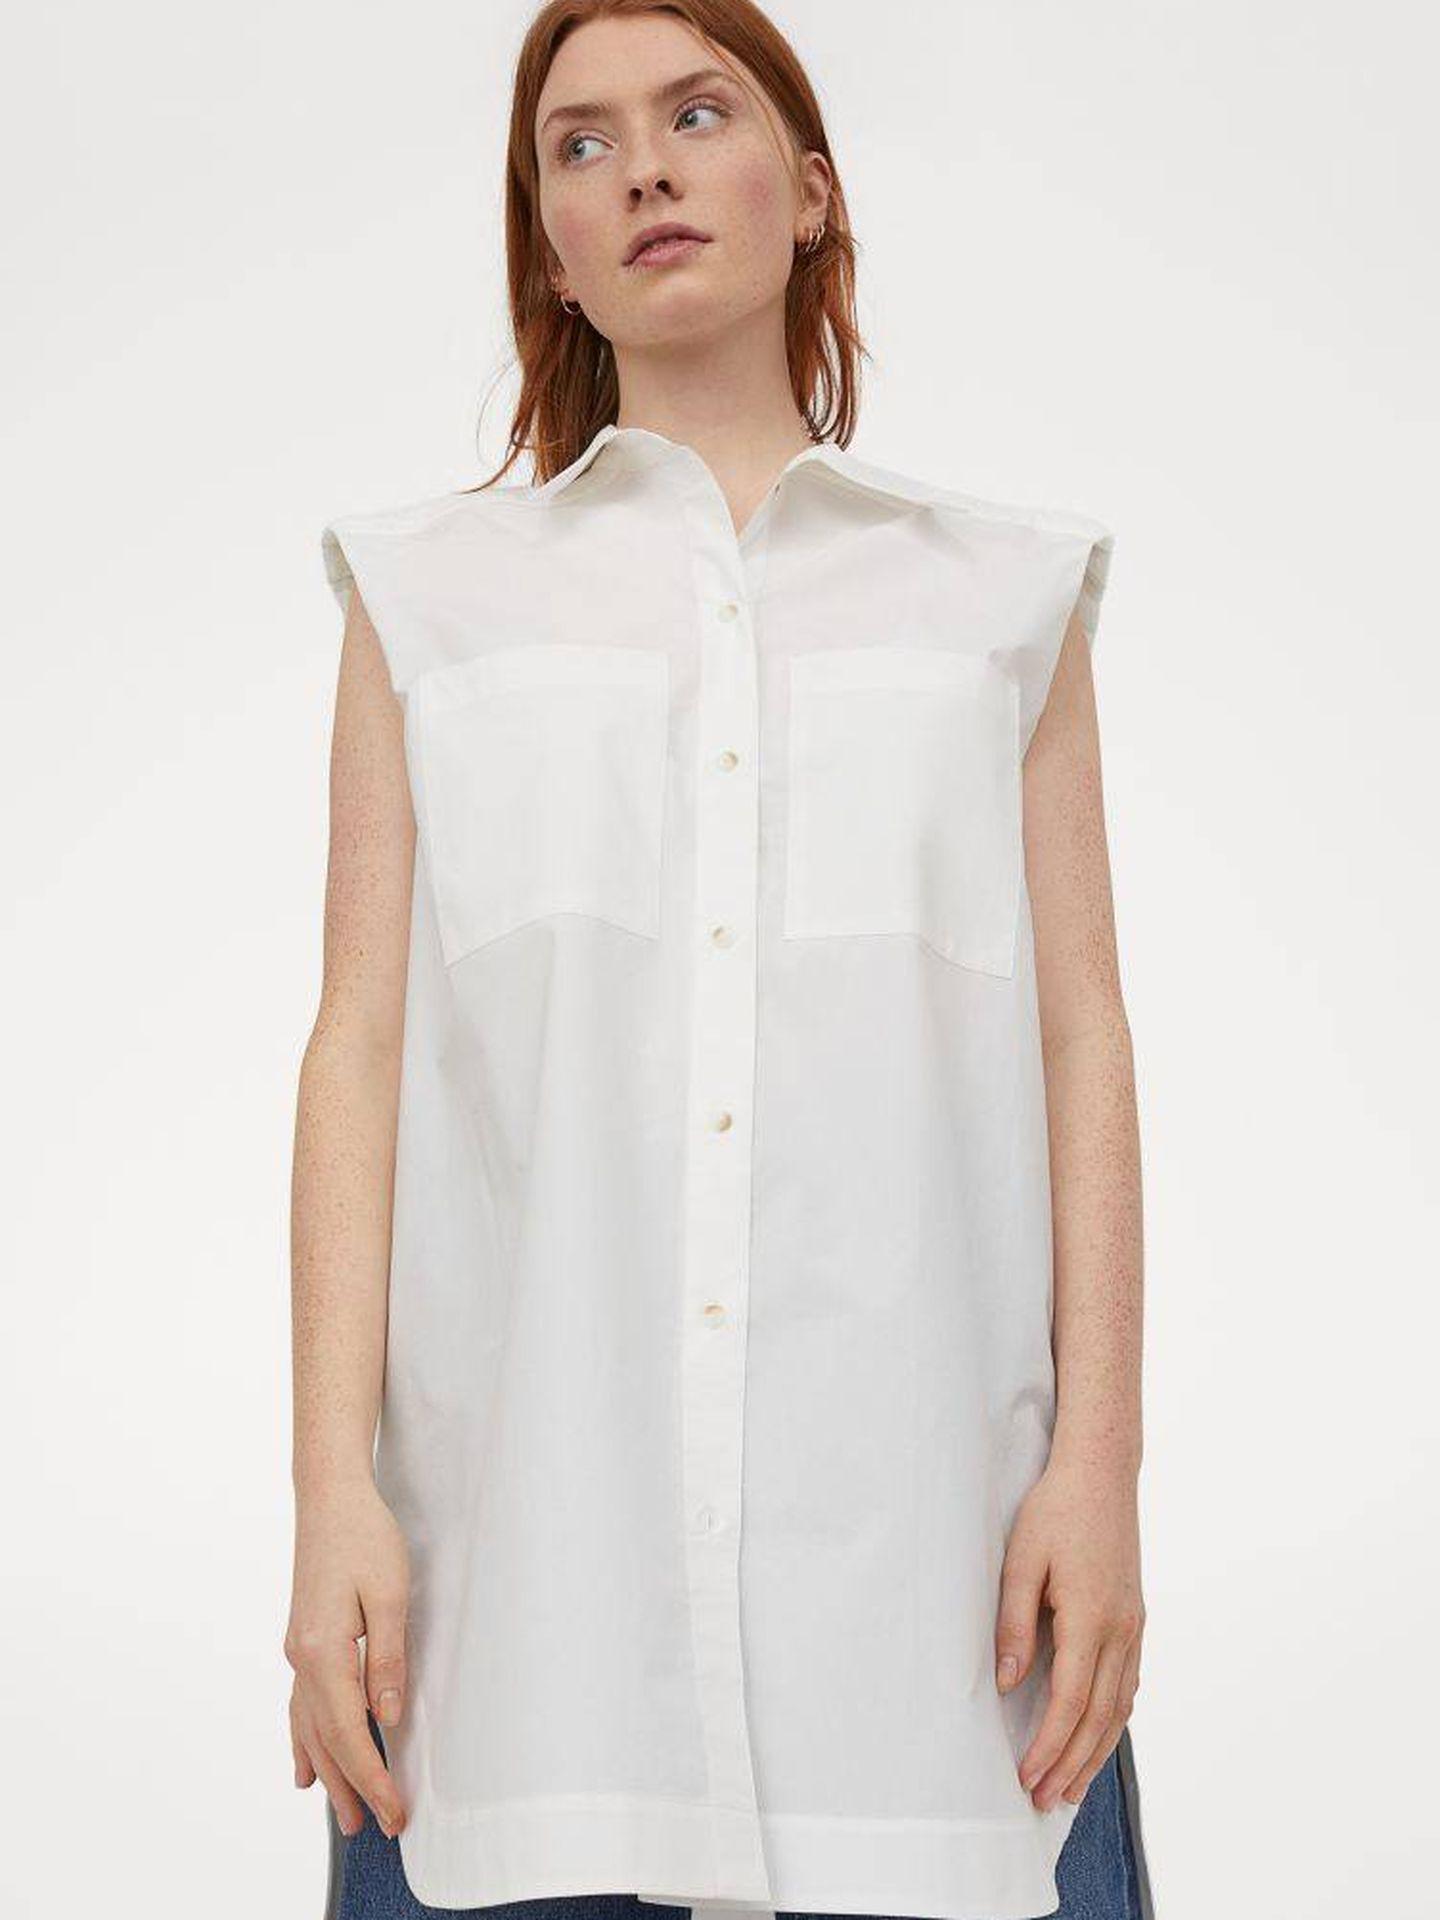 Camisa sin mangas de HyM. (Cortesía)